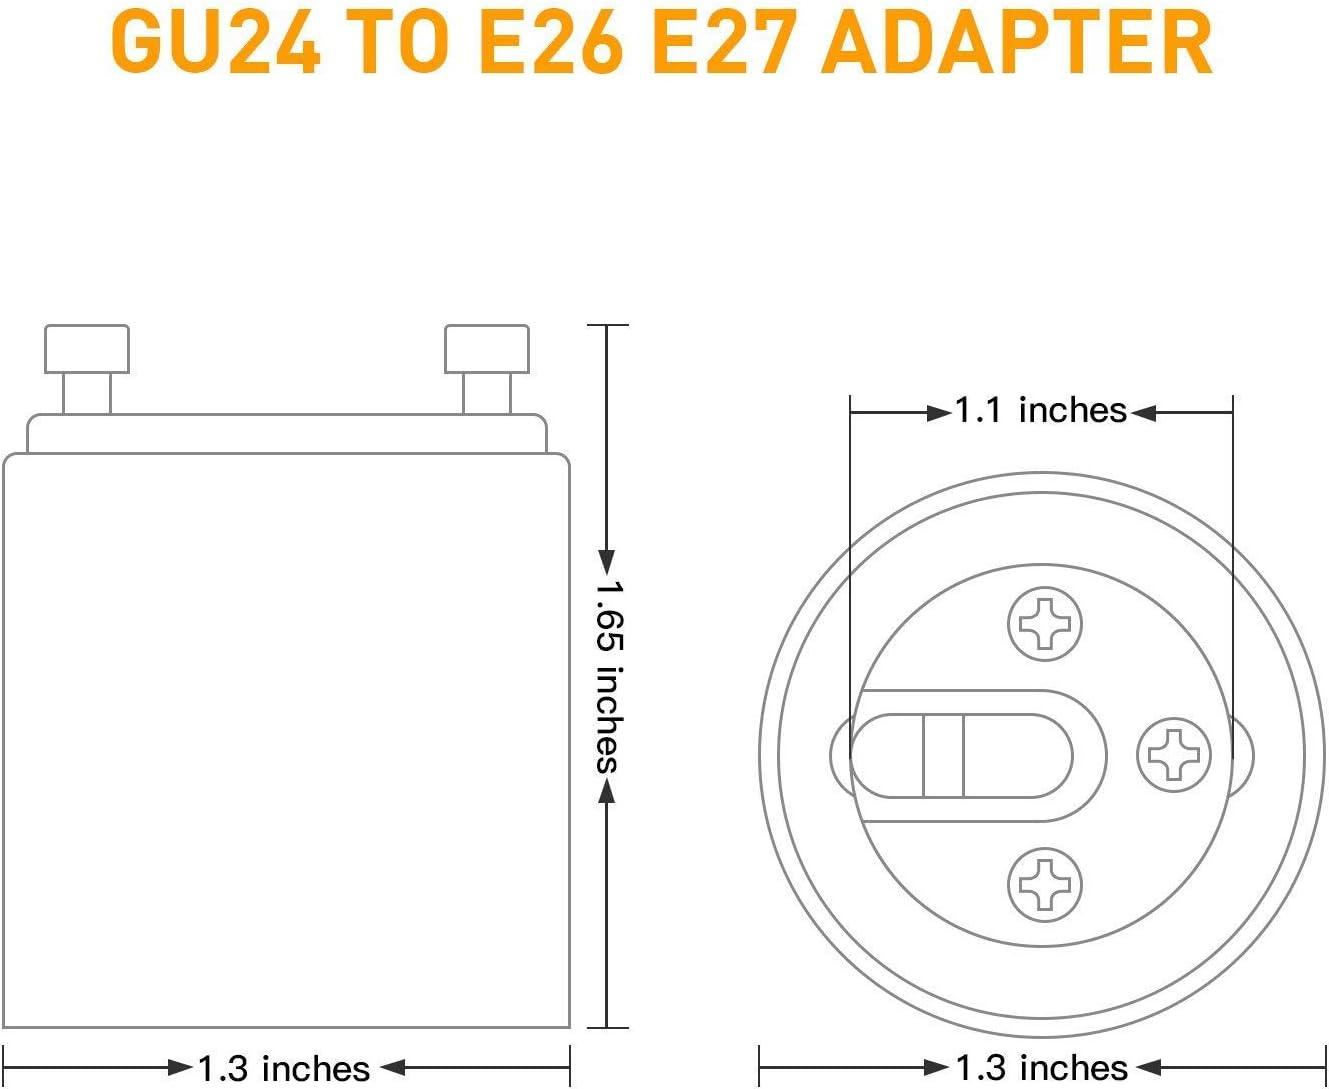 JACKYLED Gu24 Adapter 50-pack